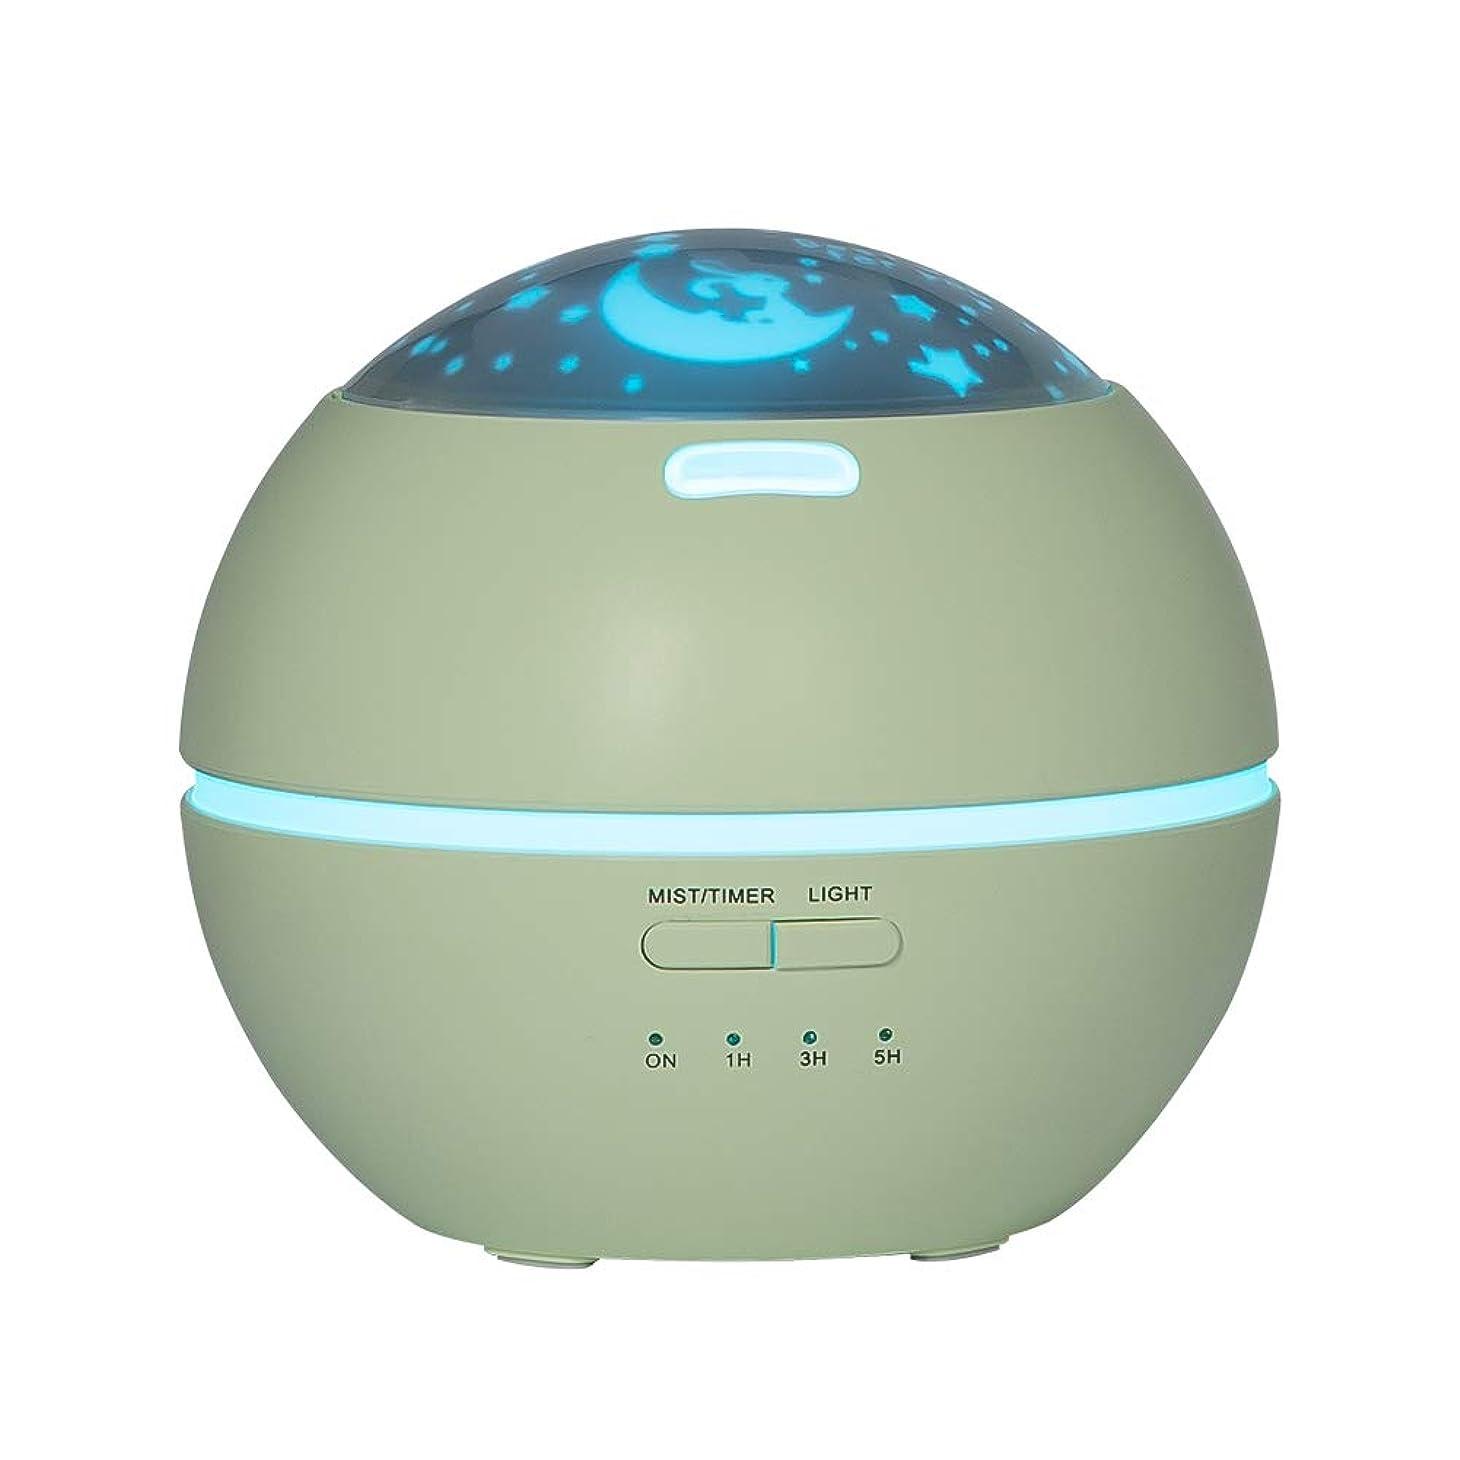 フレッシュ男らしさサバントLIBESON 加湿器 卓上 超音波式 アロマディフューザー 8色LEDライト変換 超静音 ミス調整可能 時間設定タイマー機能付き 空焚き防止機能搭載 アロマ加湿器 ホワイト150mL (グリーン)